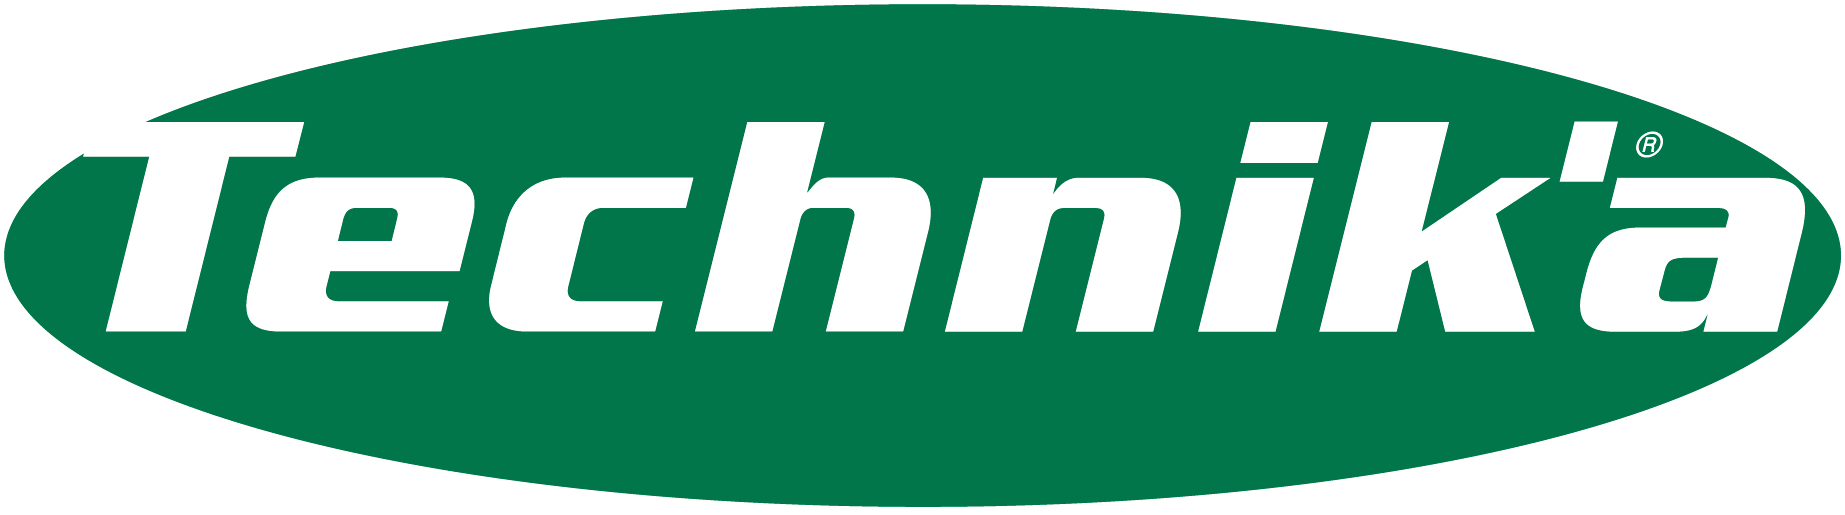 Grand Jeu Technik'a - logo marque